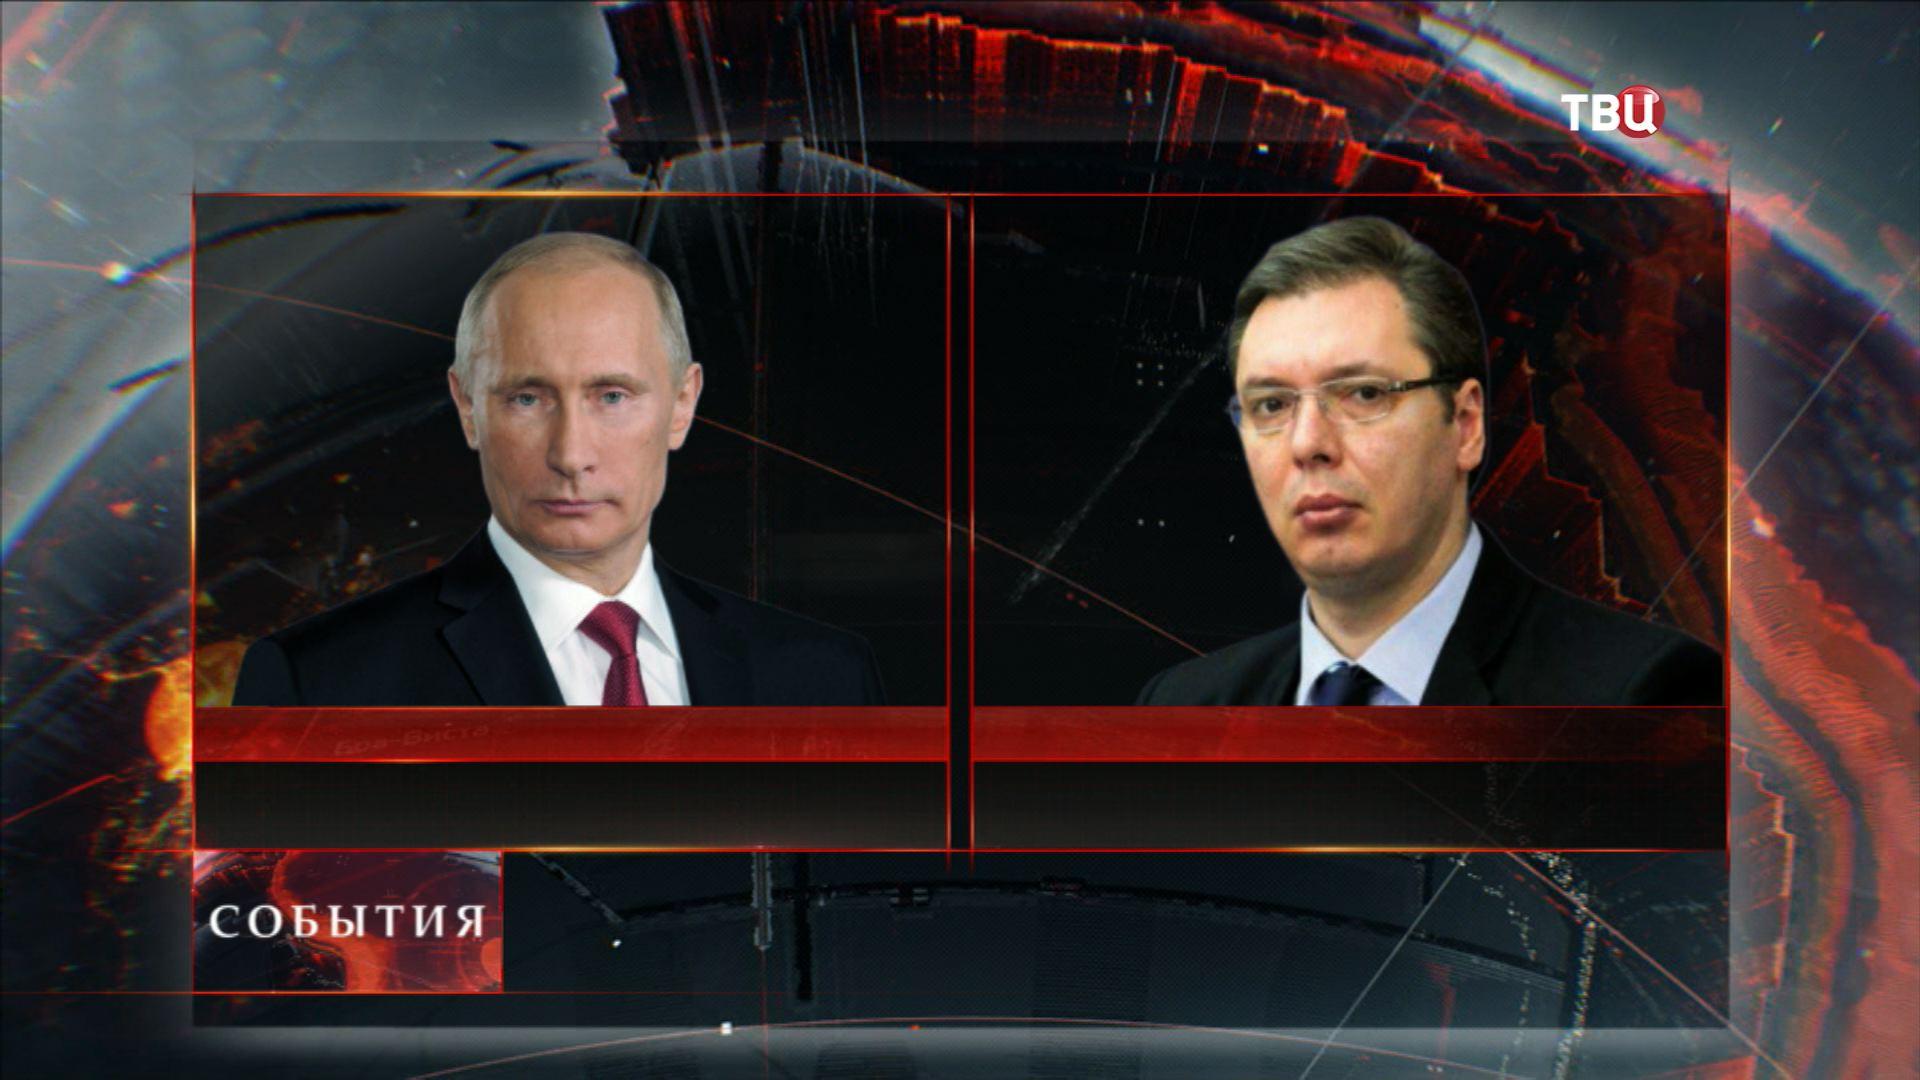 Владимир Путин и председатель правительства Сербии Александр Вучич